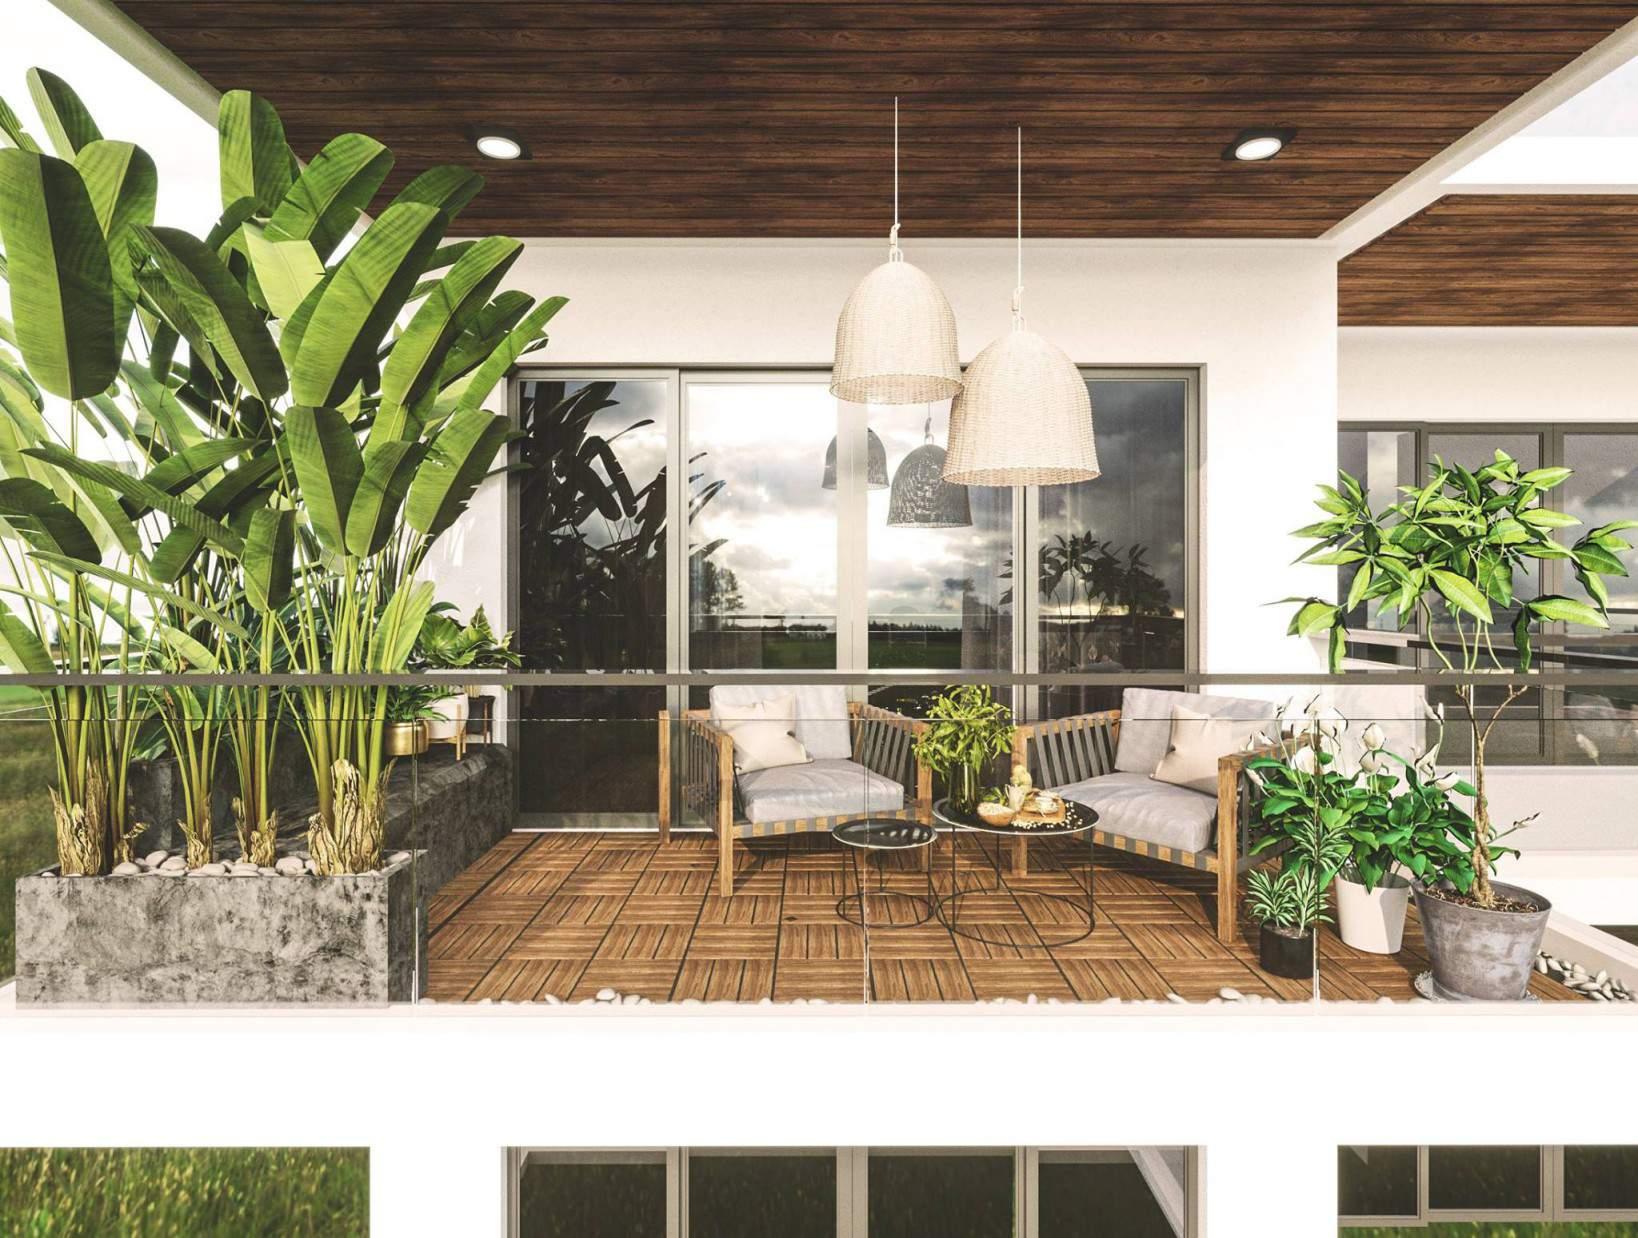 hiết kế ban công cho nhà chung cư đẹp gần gũi với thiên nhiên